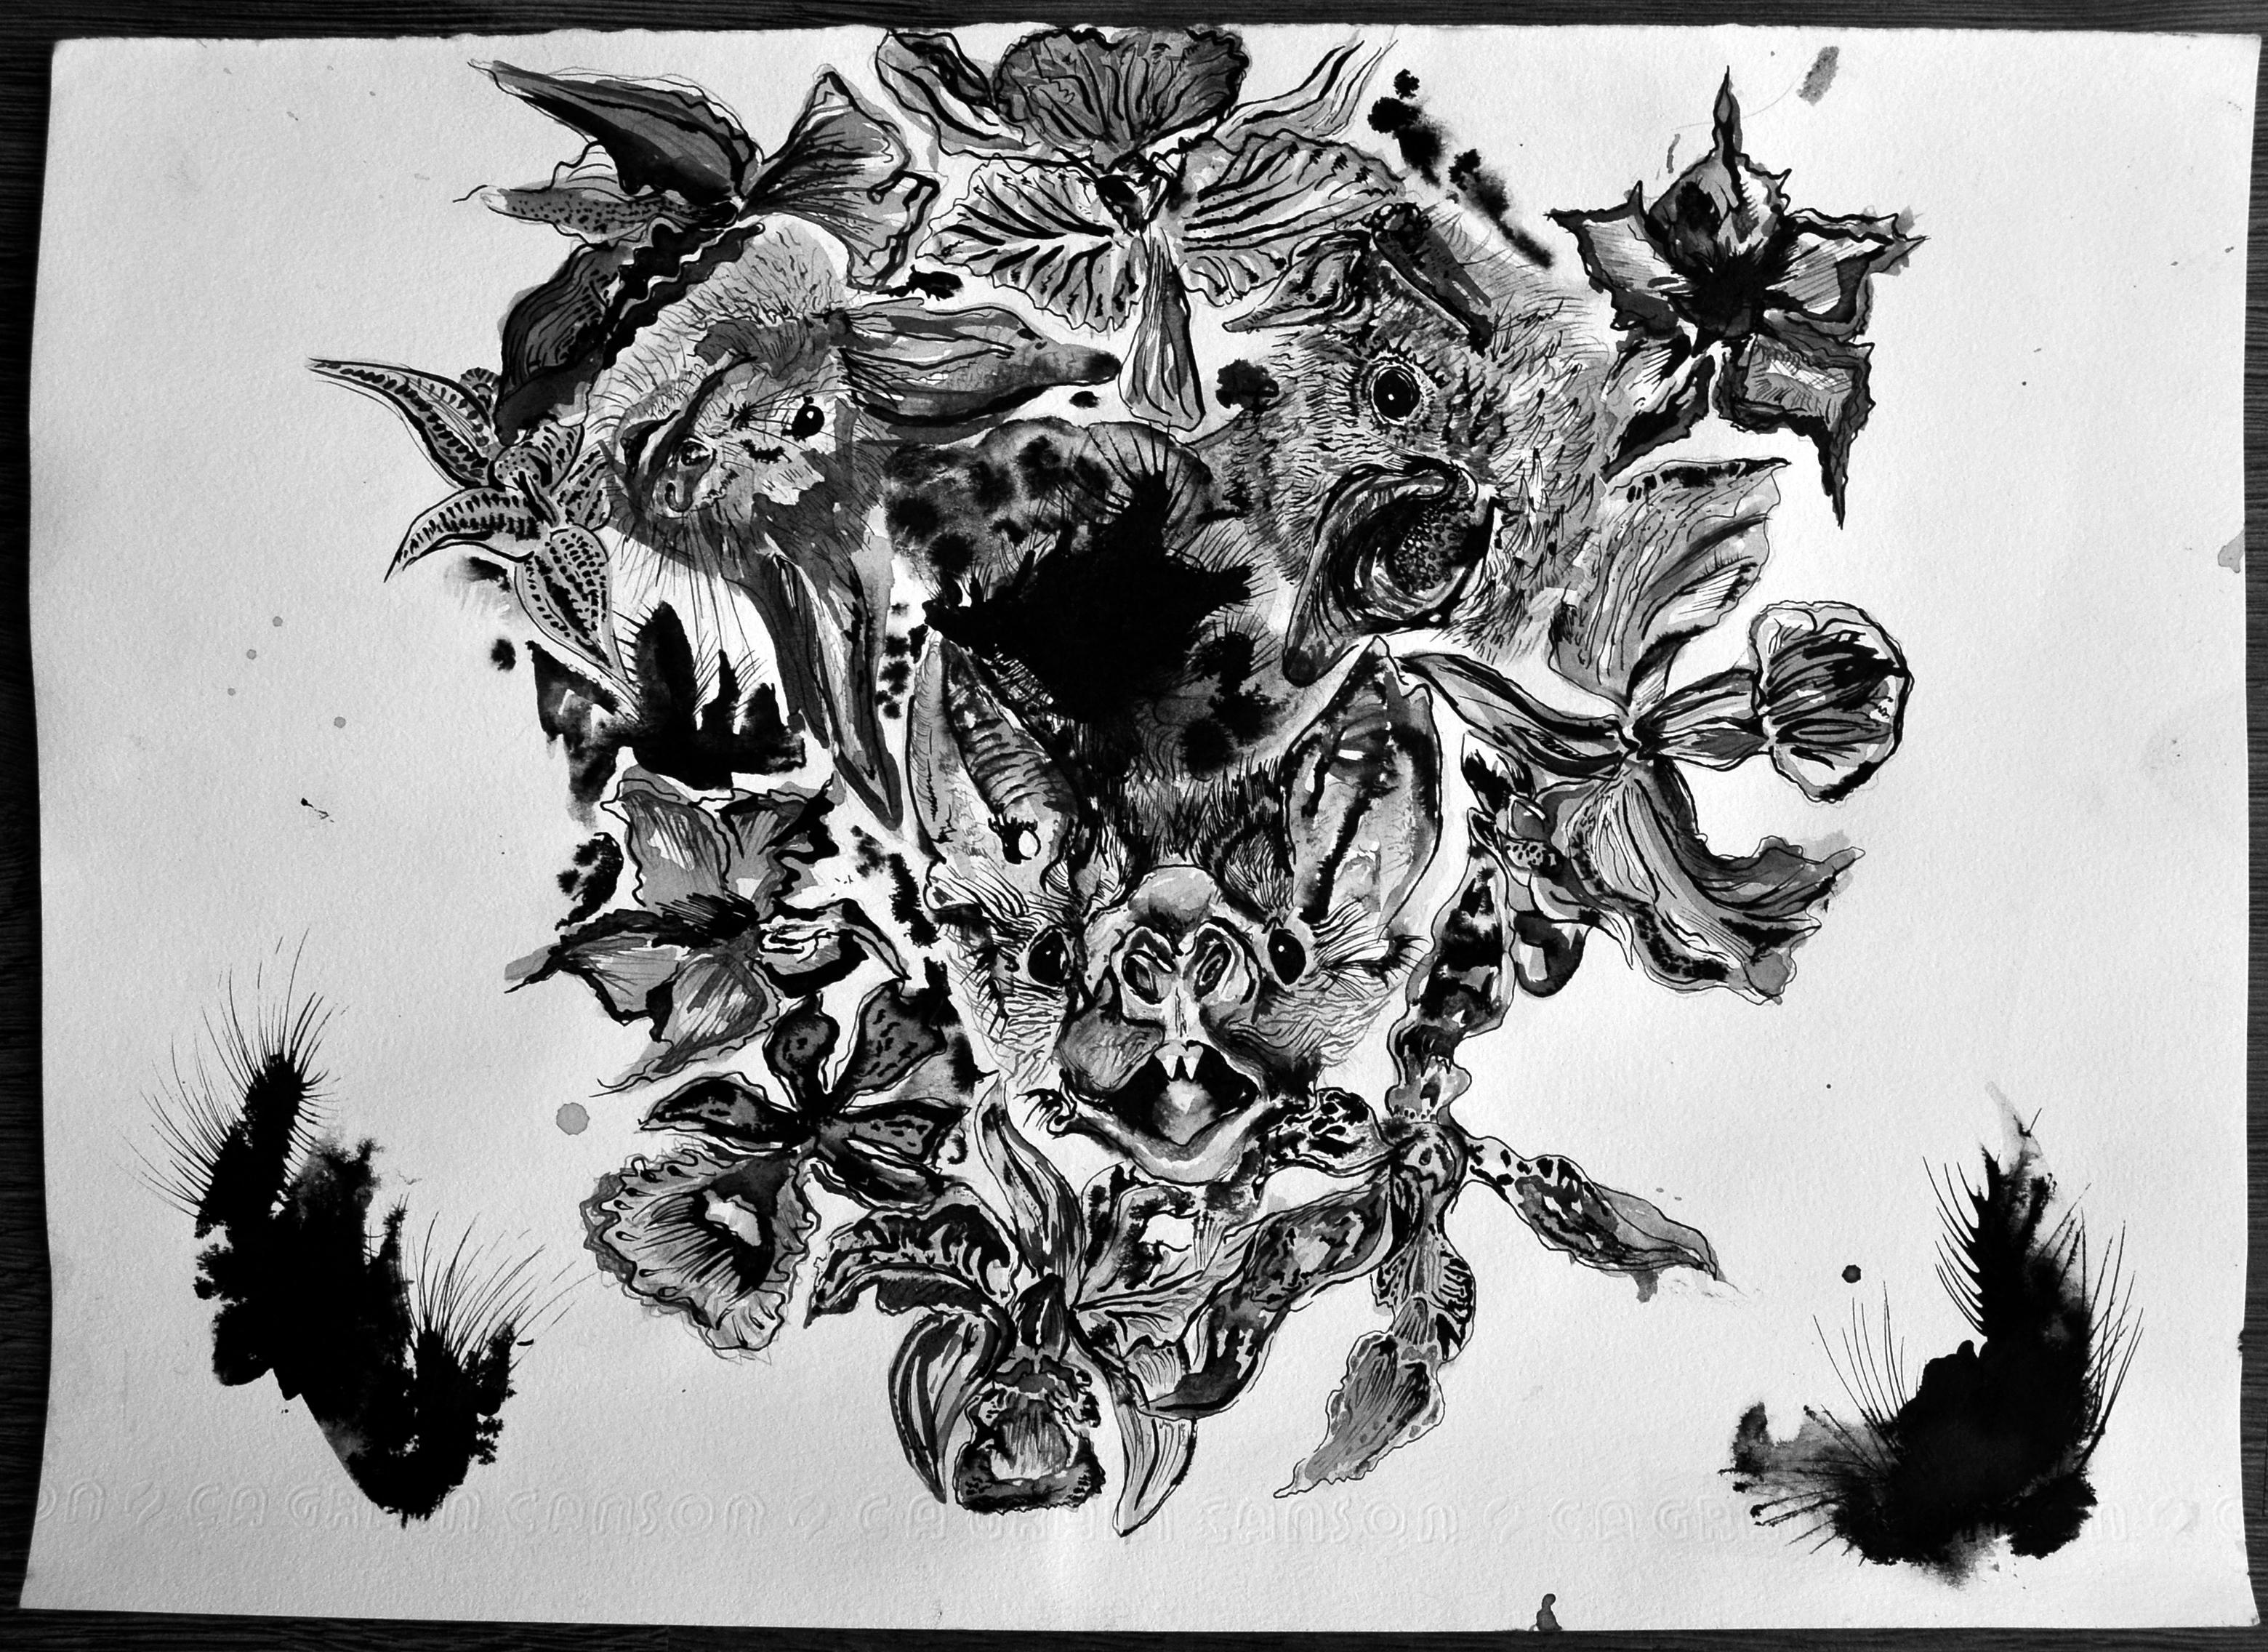 3 murciélagos, 7 orquídeas y 2 rosas